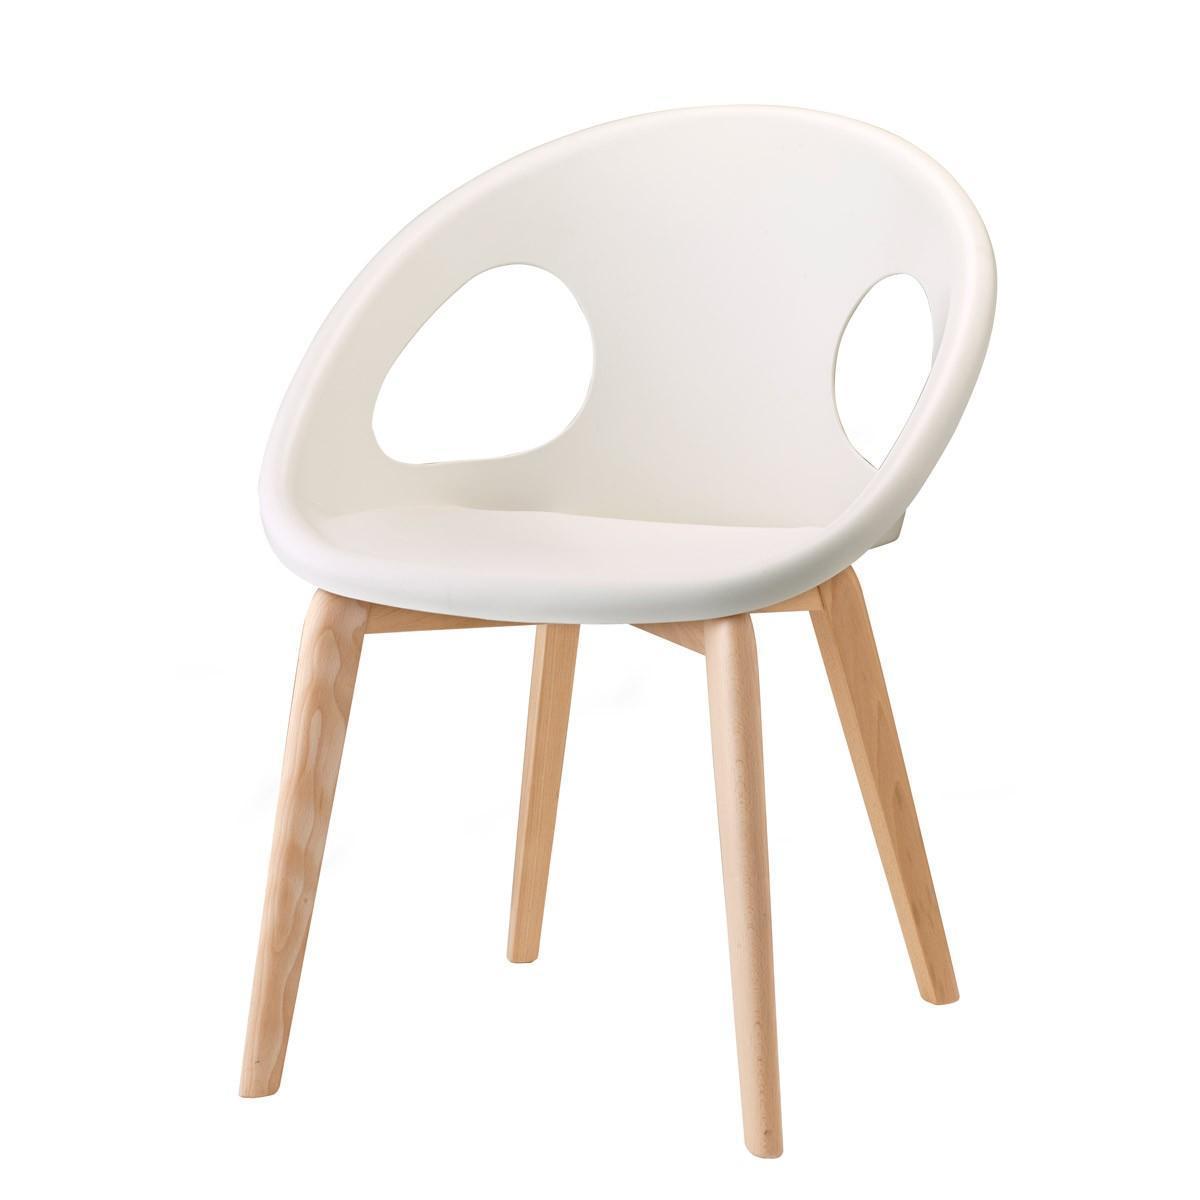 Кресло пластиковое Natural Drop solid wood frame